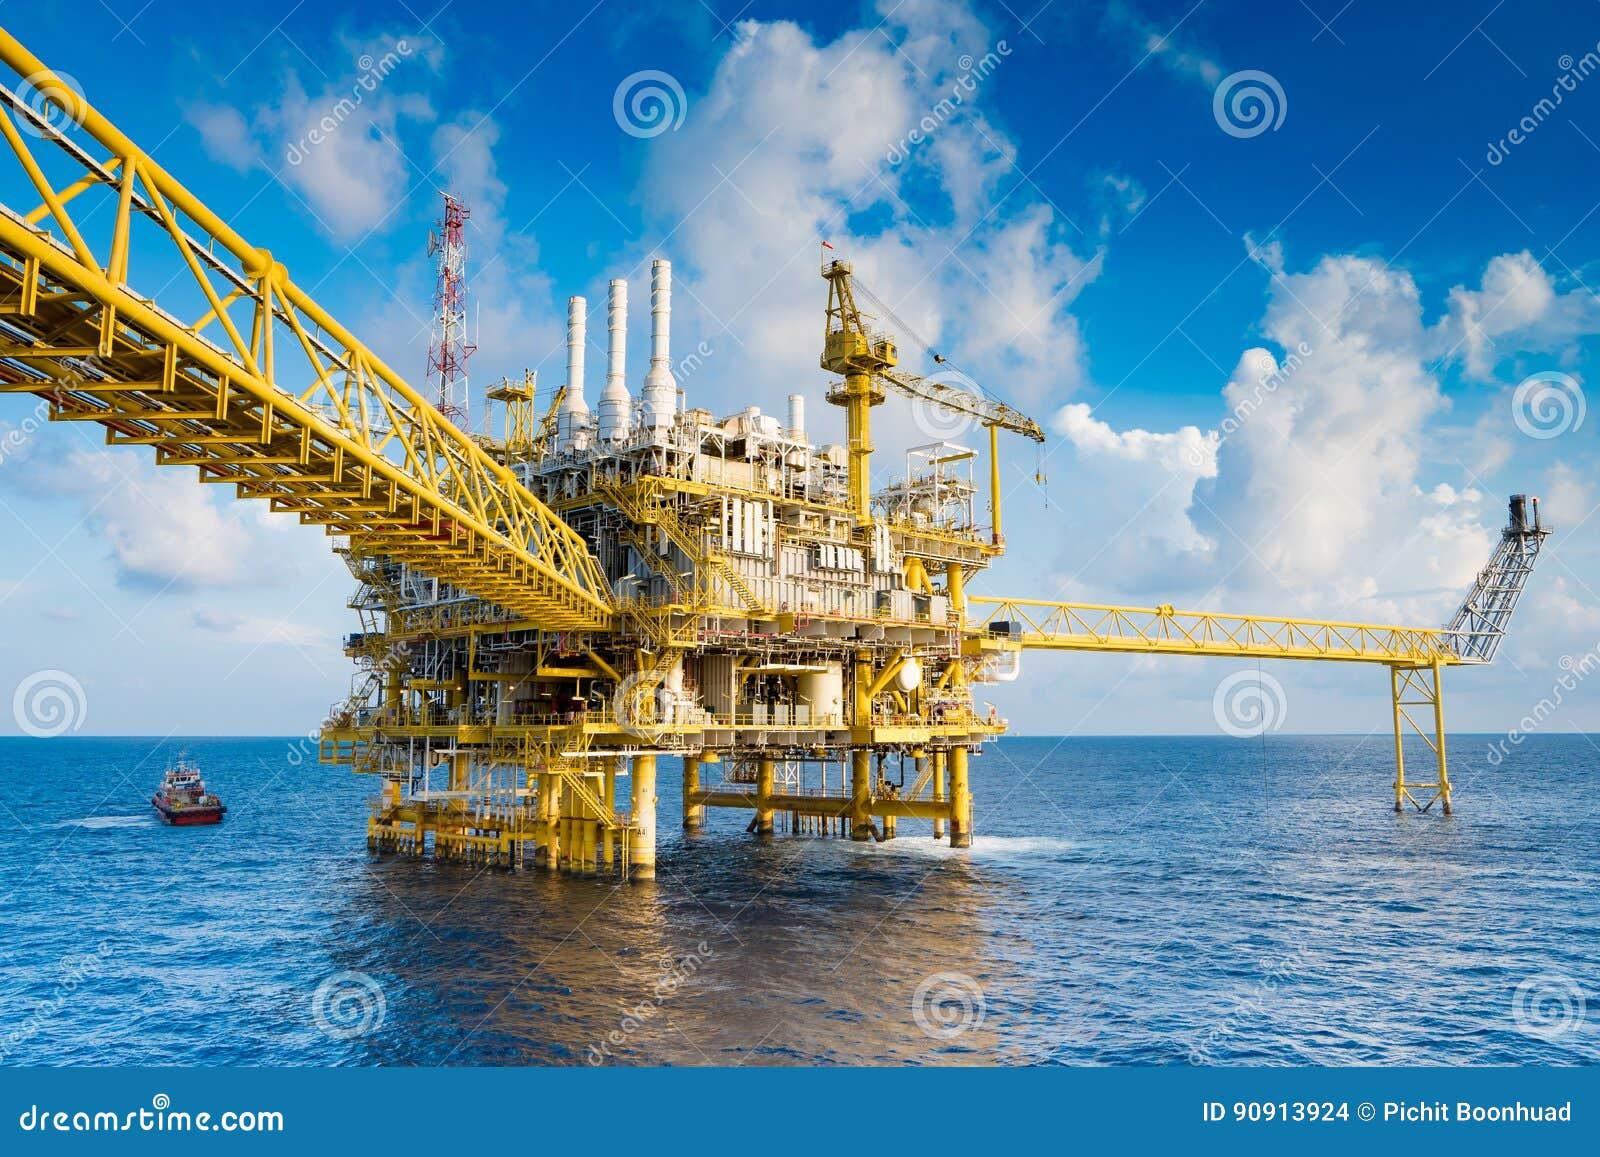 Öl- und Gasförderplattform, Öl- und Gasproduktion und Erforschungsgeschäft im Golf von Thailand